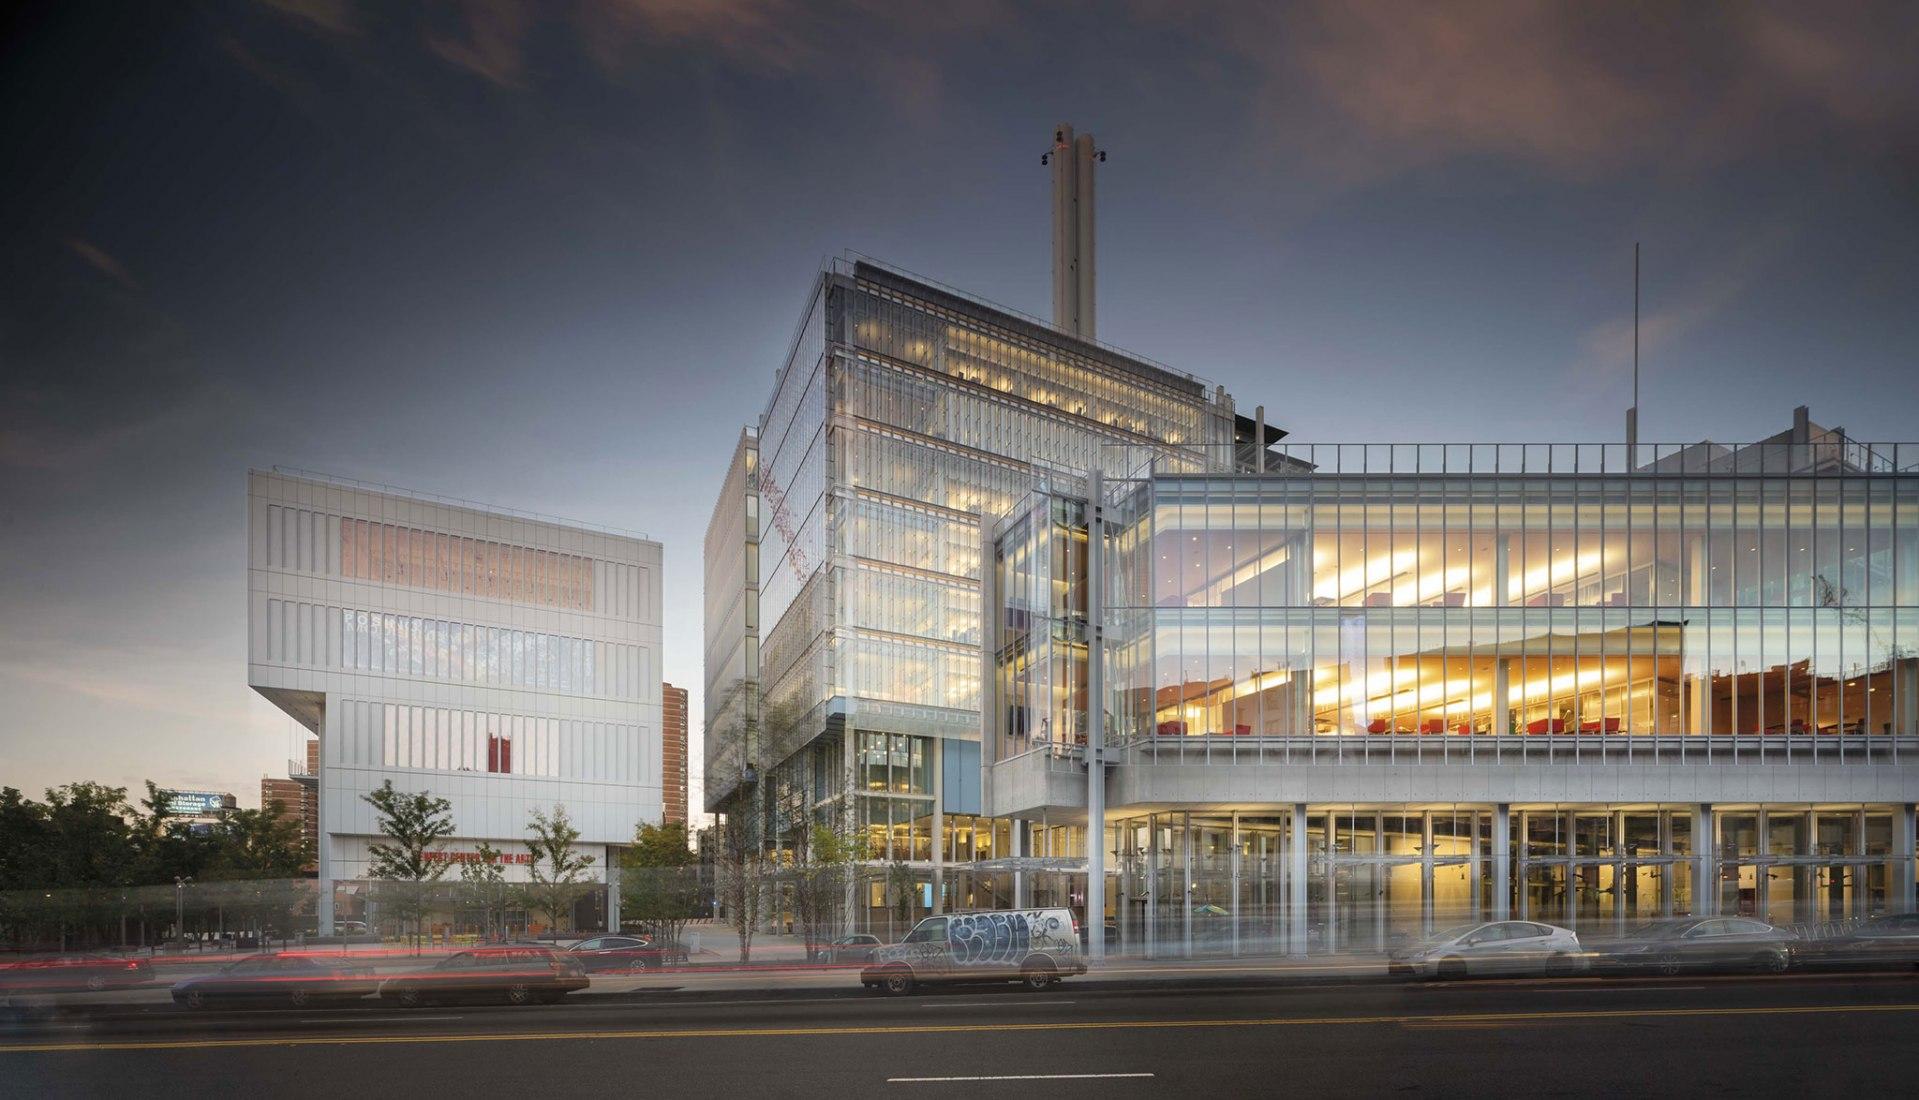 Universidad de Columbia por Renzo Piano Building Workshop. Cortesía de Itinerant Office.